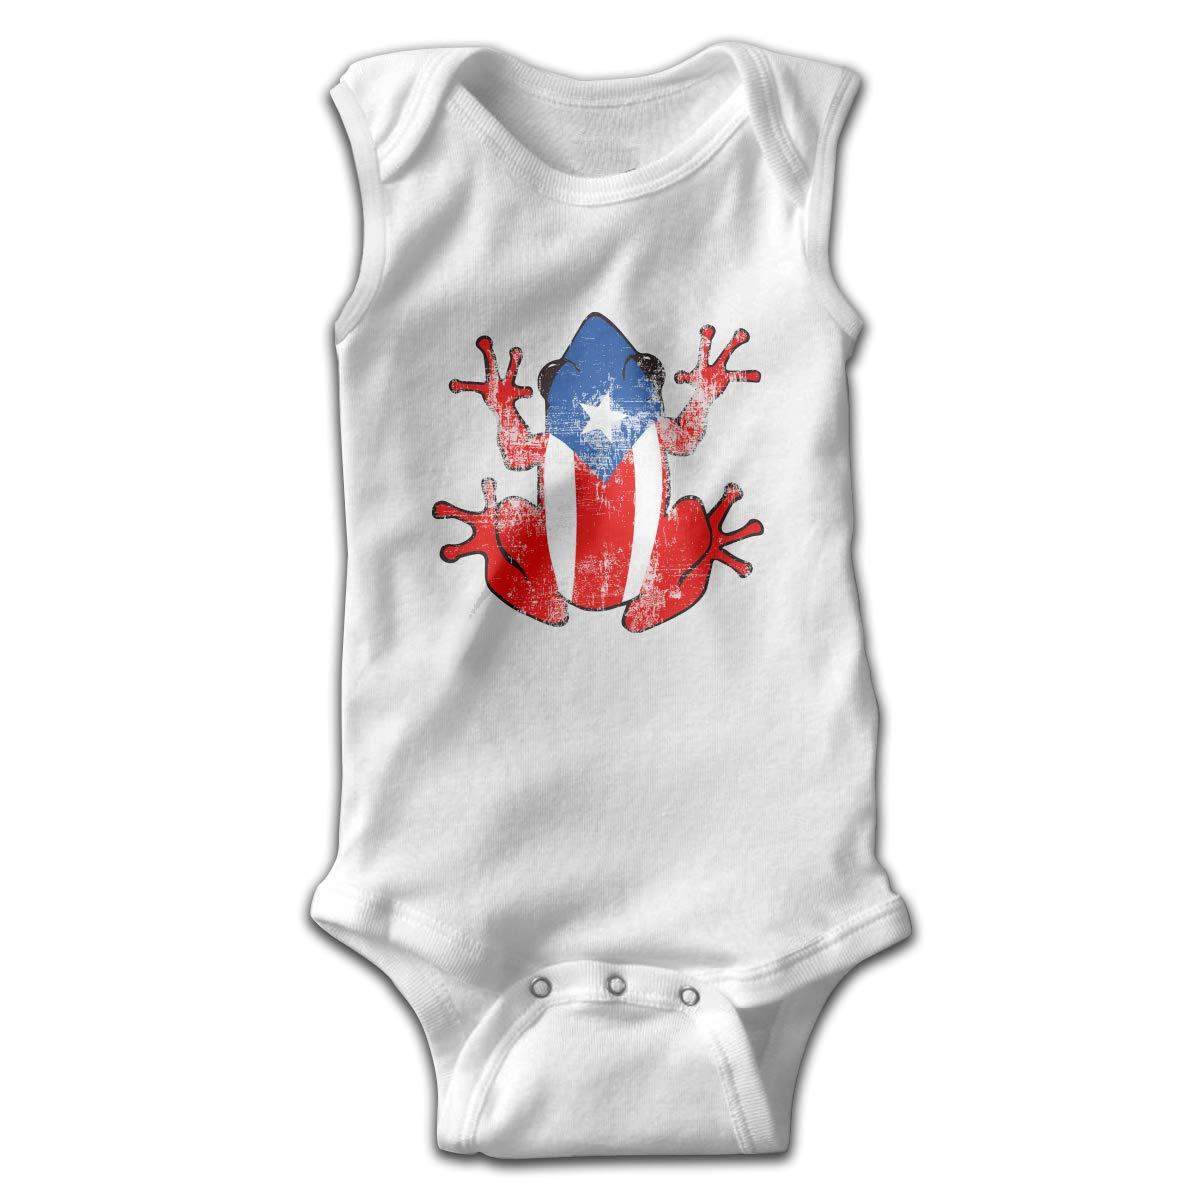 Dunpaiaa Frog Smalls Baby Onesie,Infant Bodysuit Black